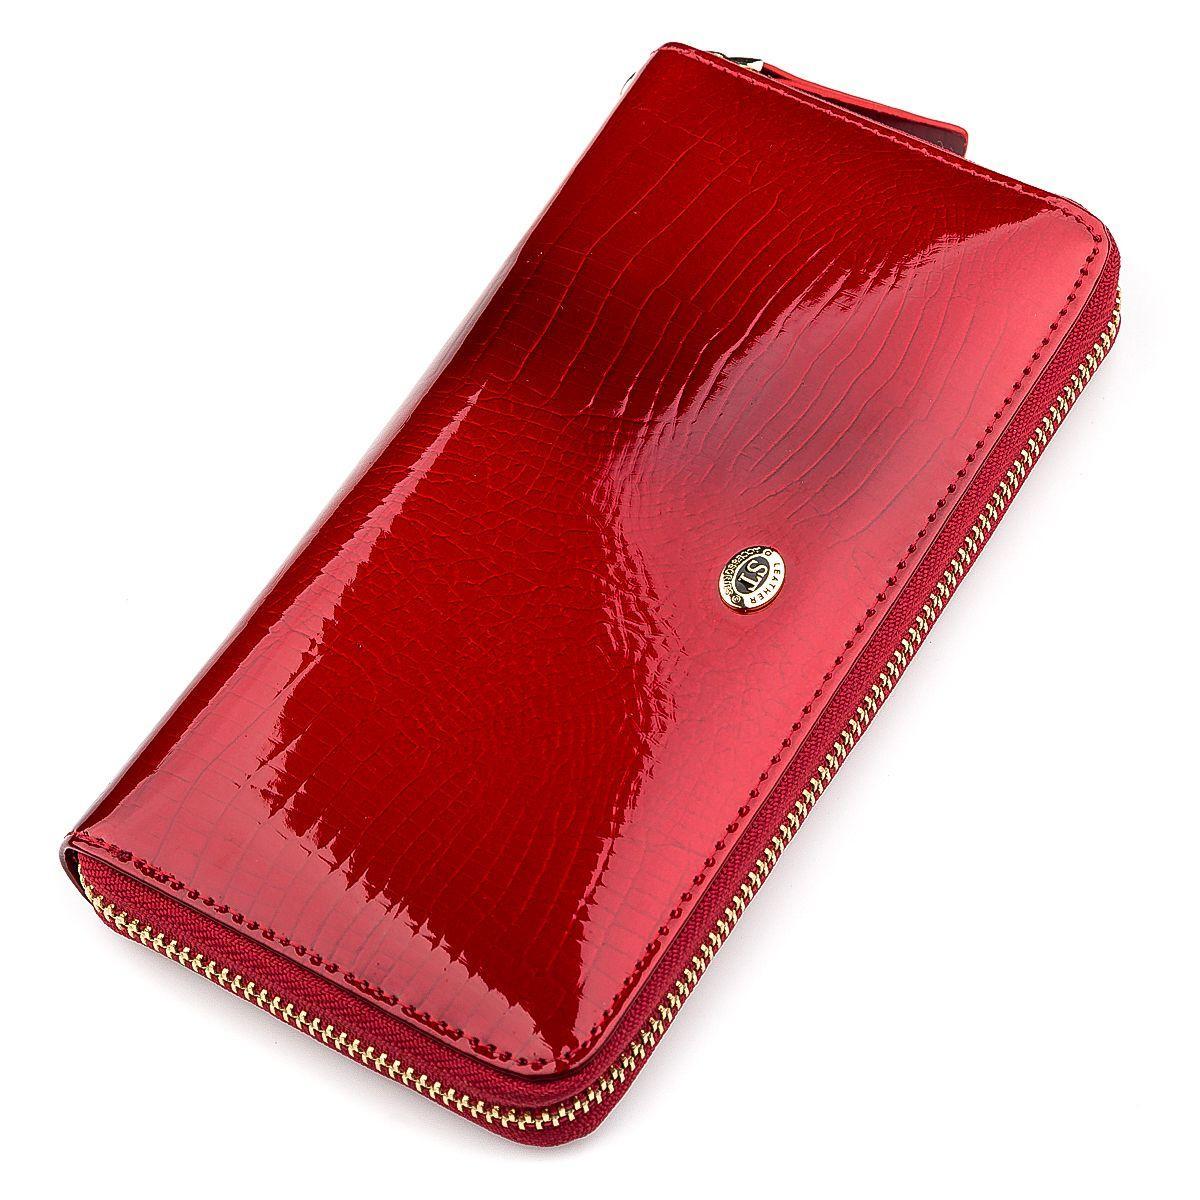 Кошелек Женский St Leather 18397 (S4001A) На Молниях Красный, Красный